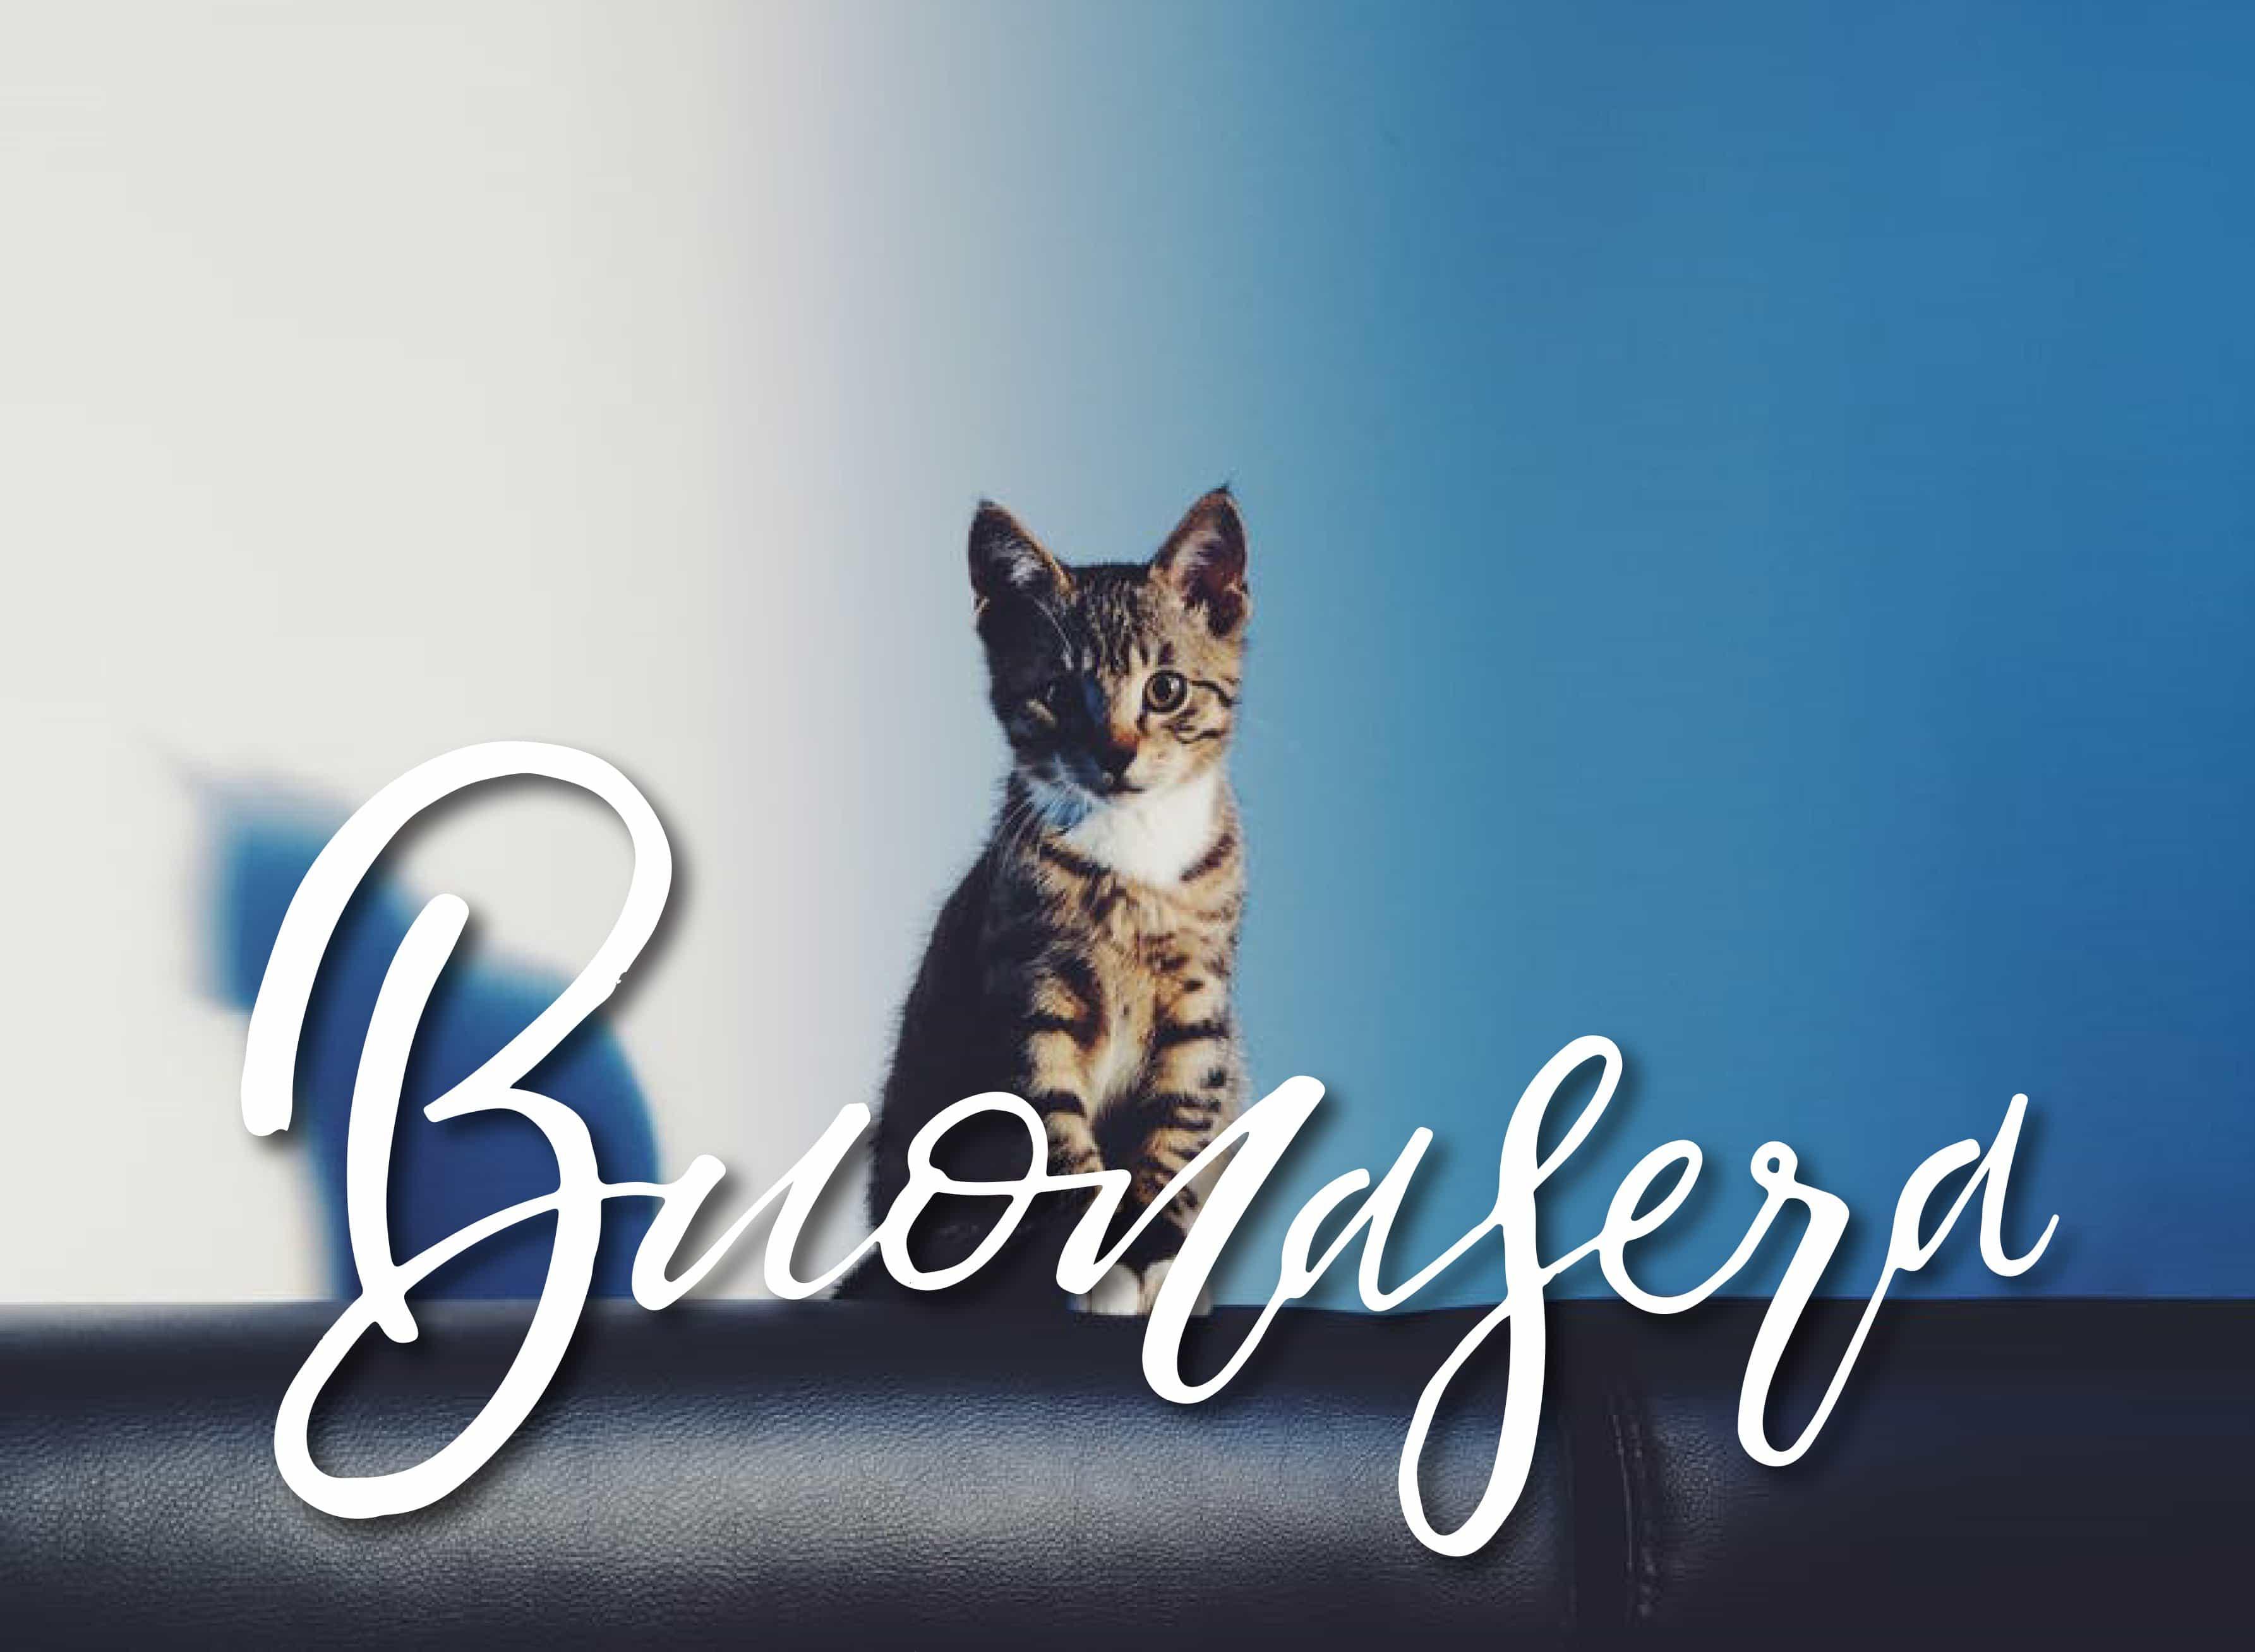 Buona sera con gatto foto divertente